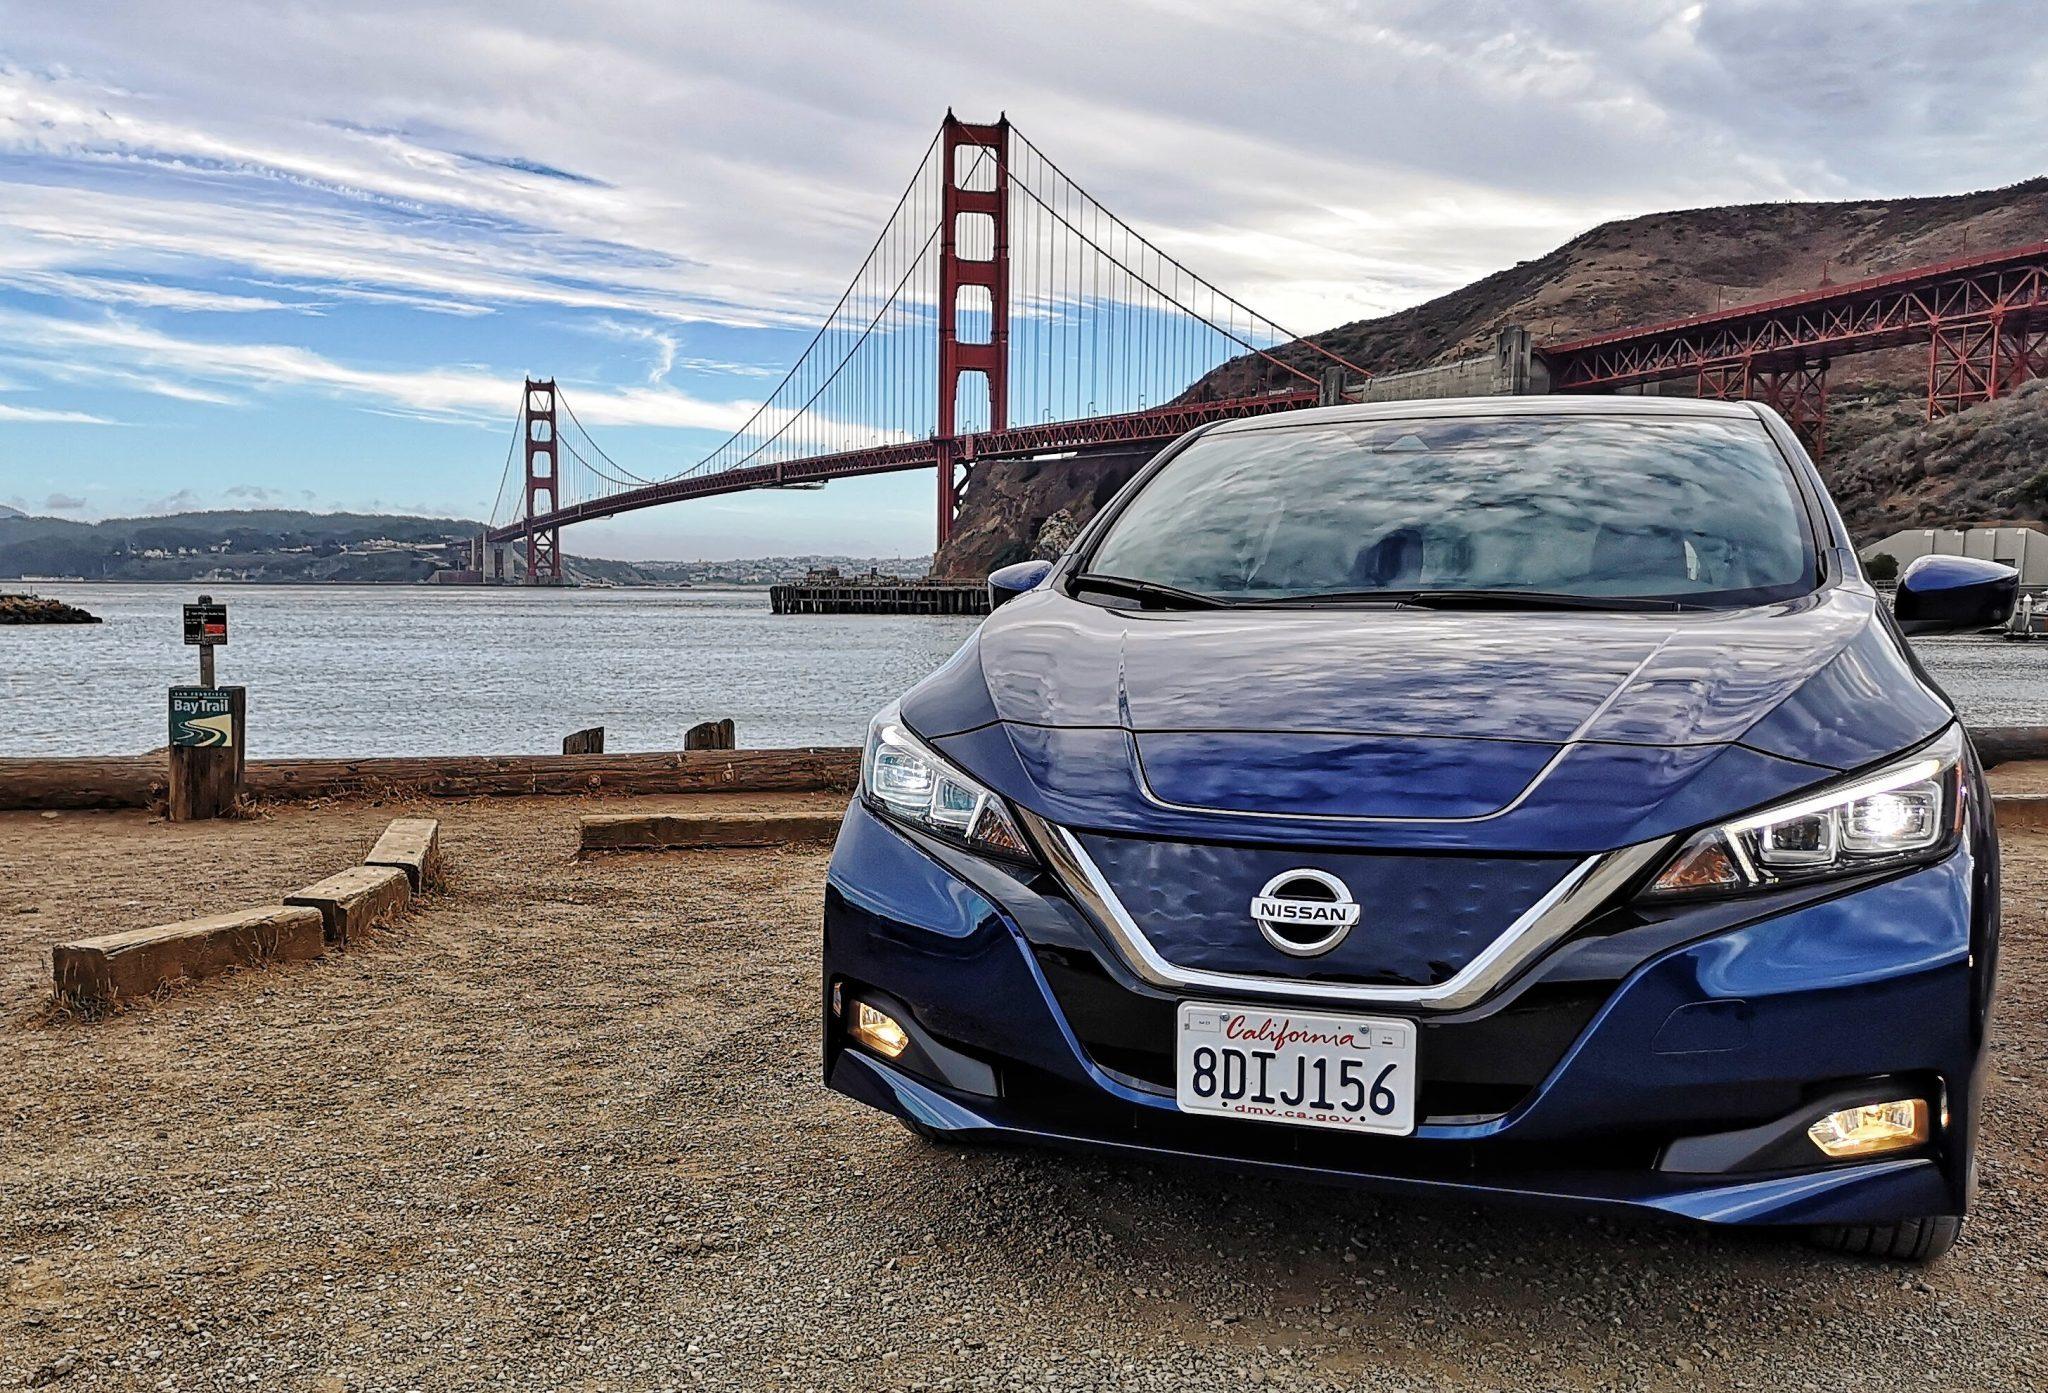 El futuro de los automóviles, según Nissan. #NissanFutures